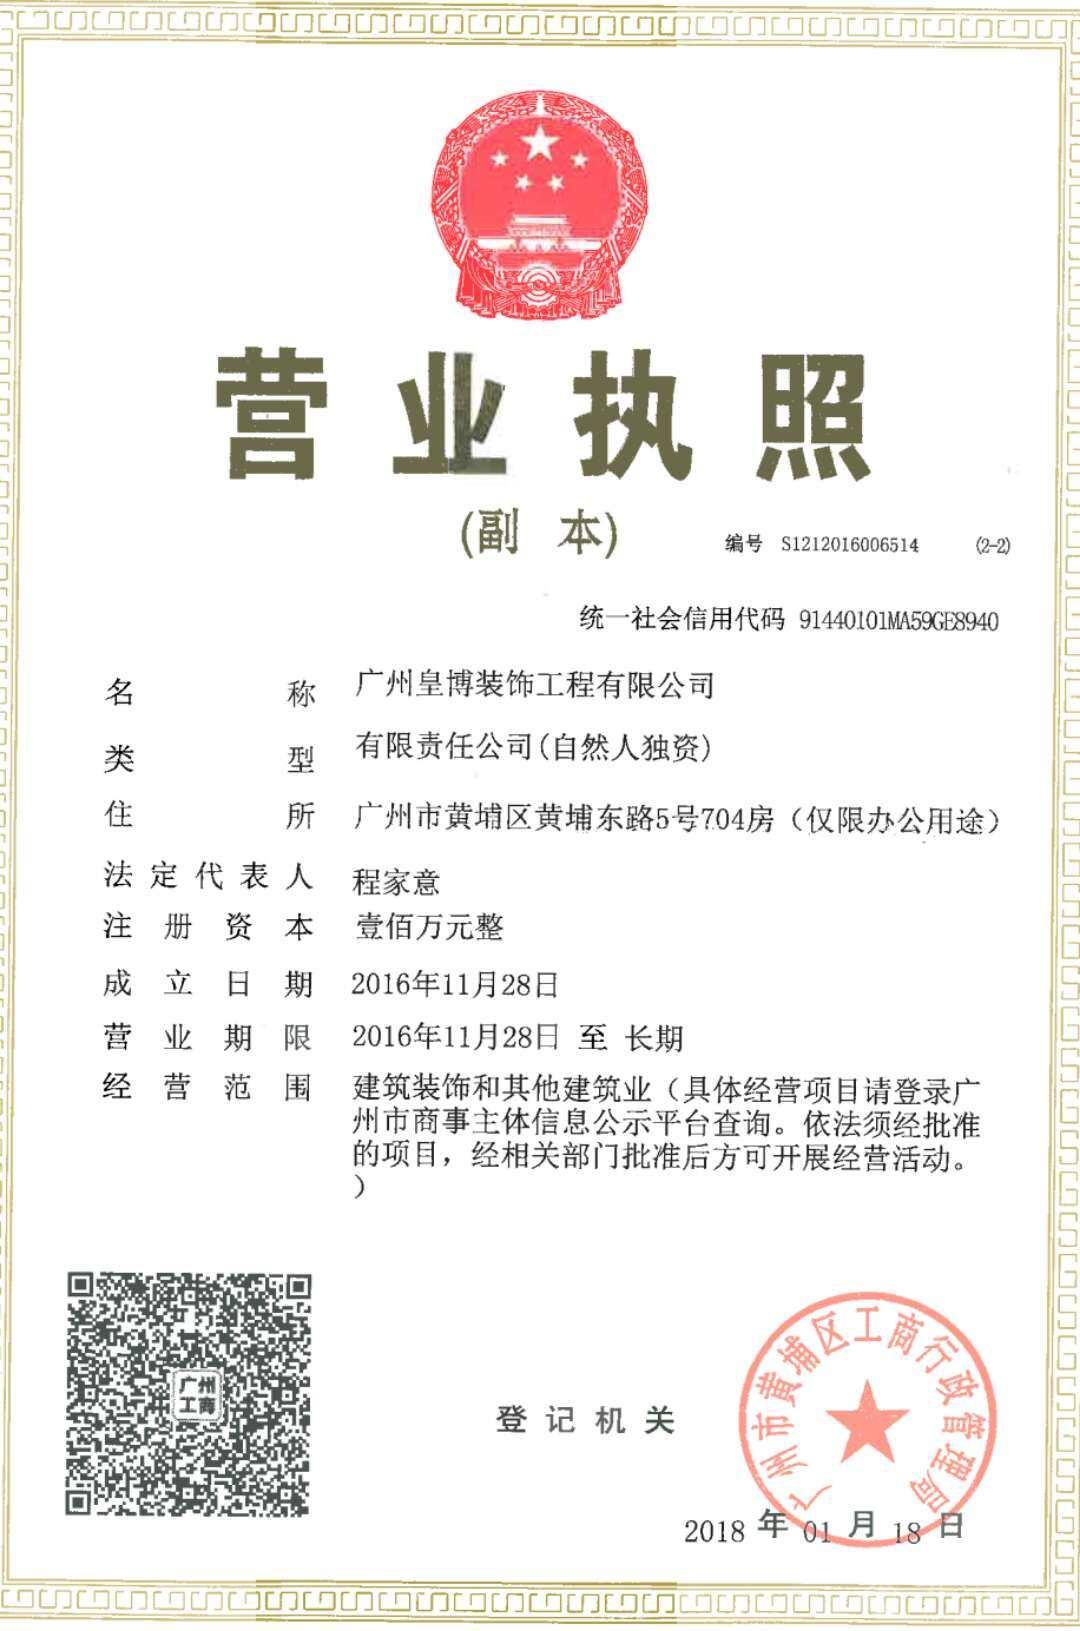 广州皇博装饰工程有限公司